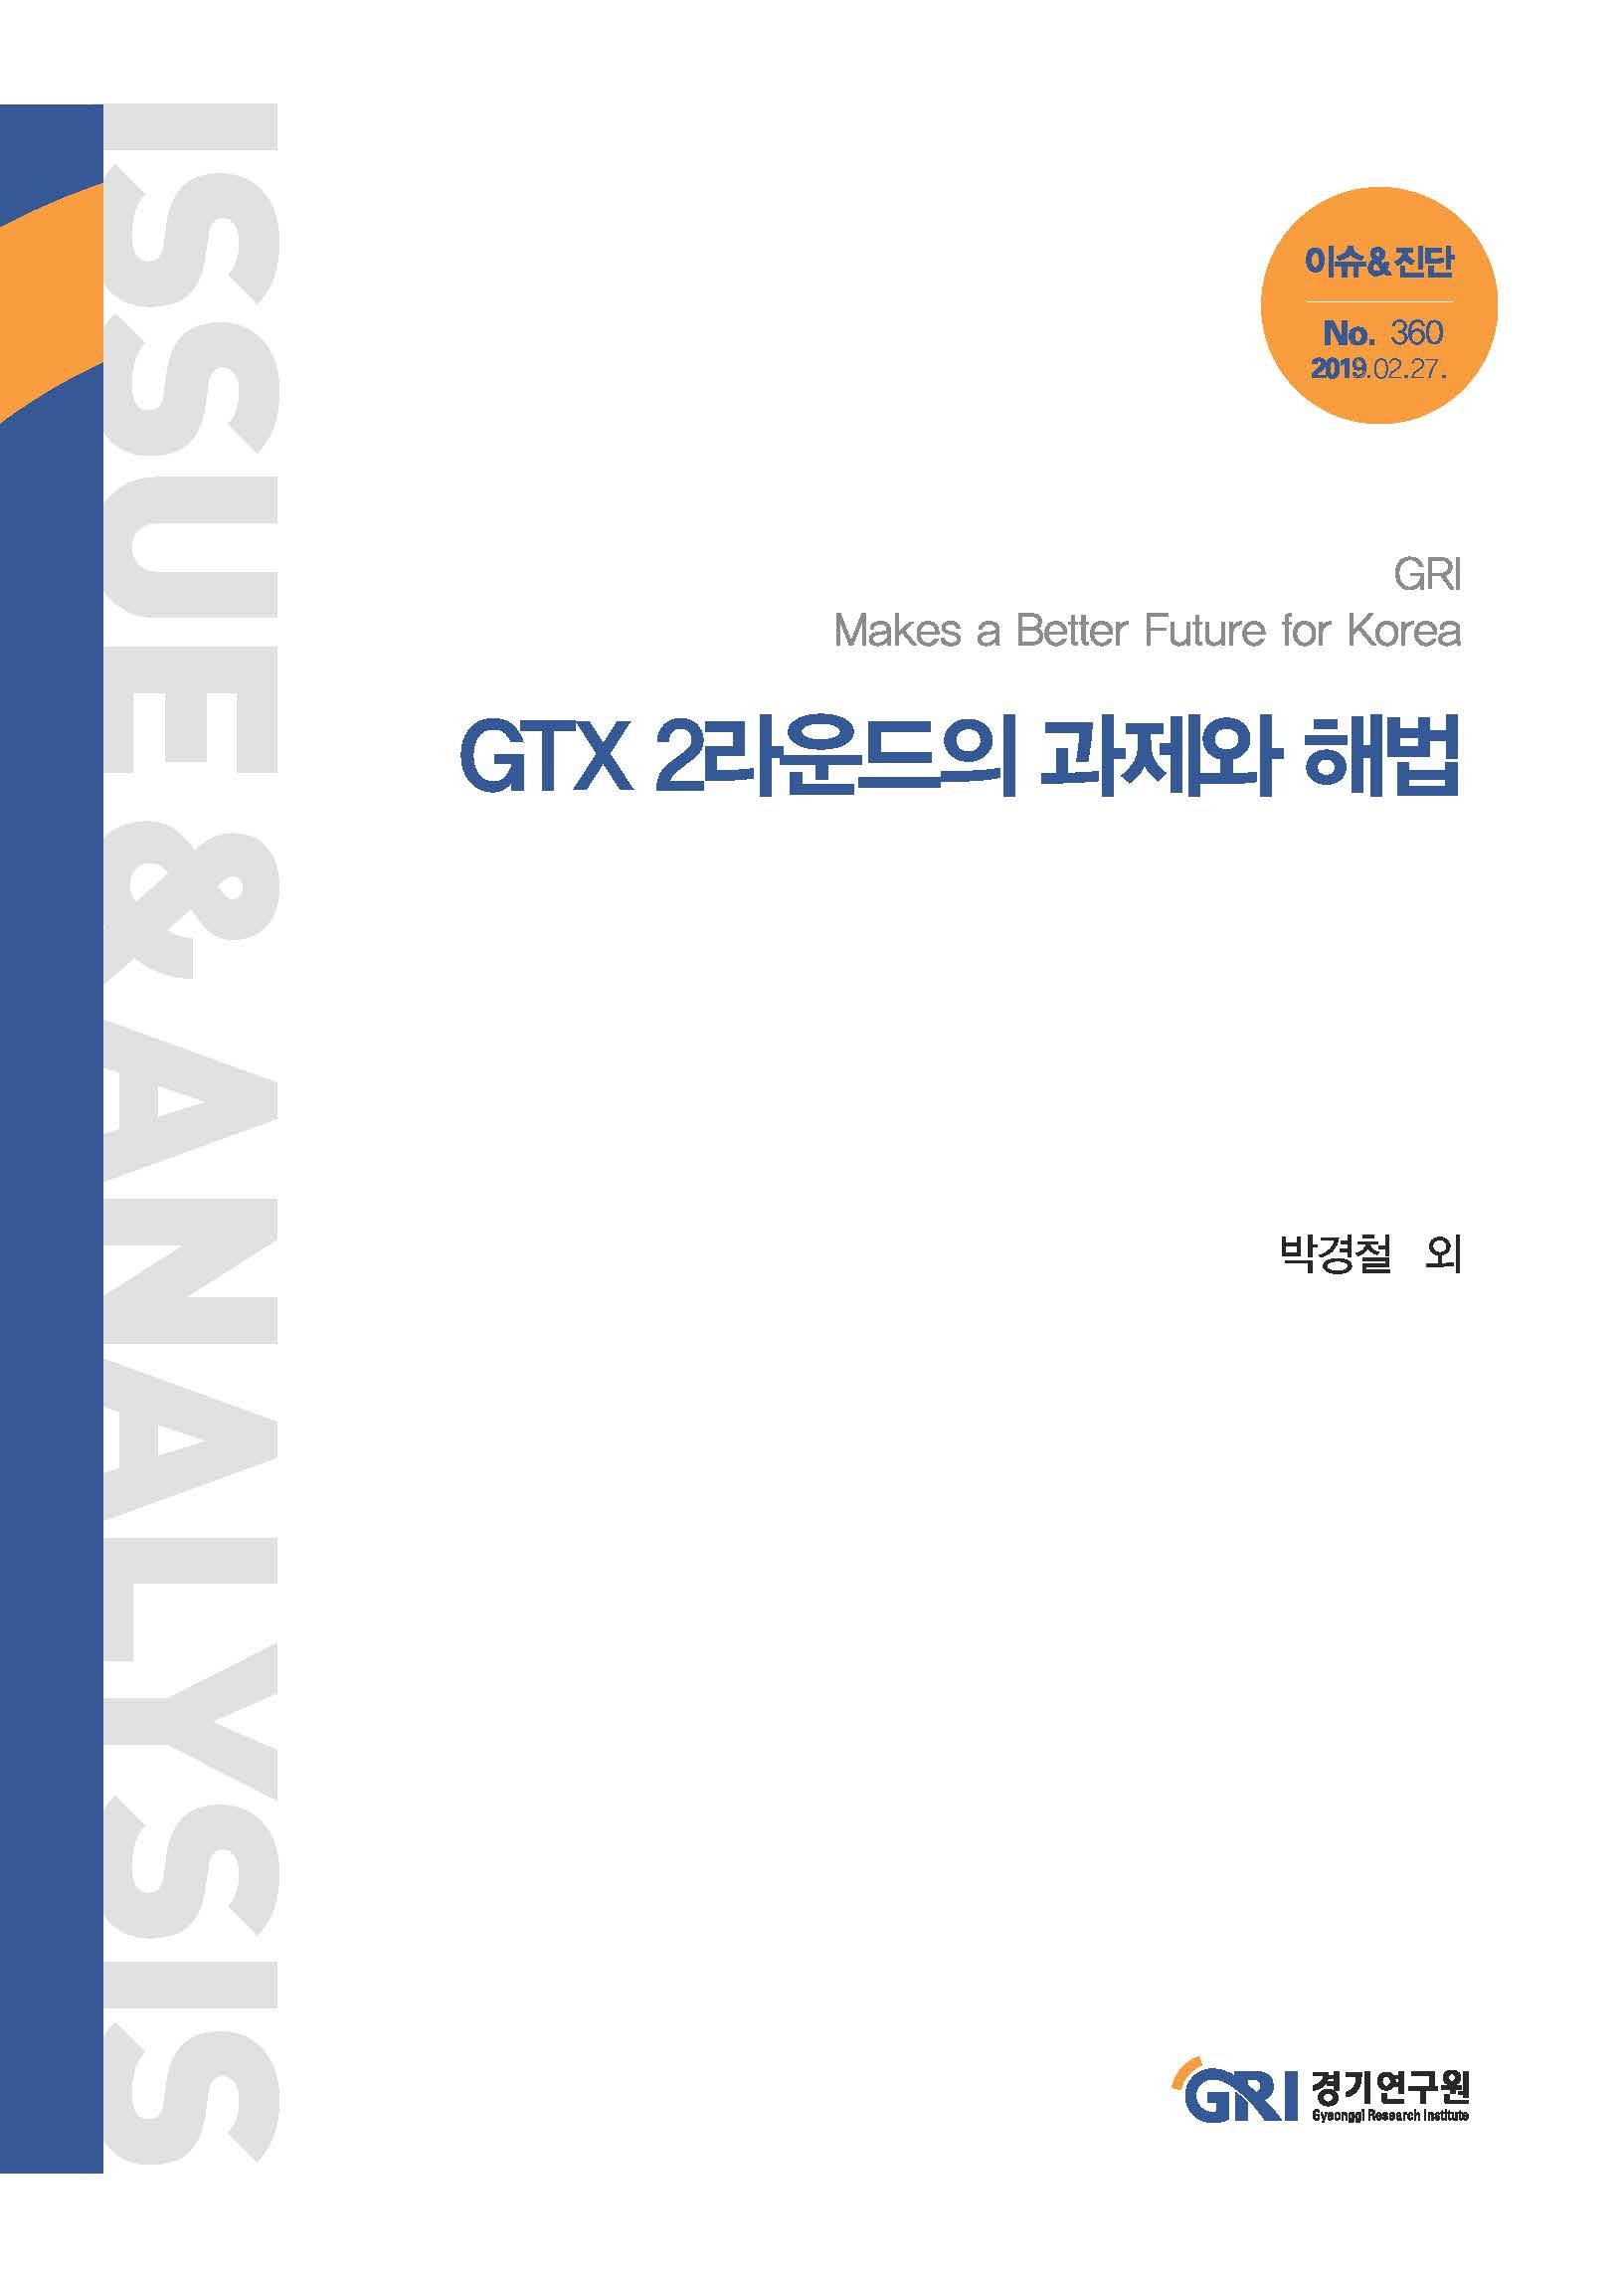 GTX 2라운드의 과제와 해법